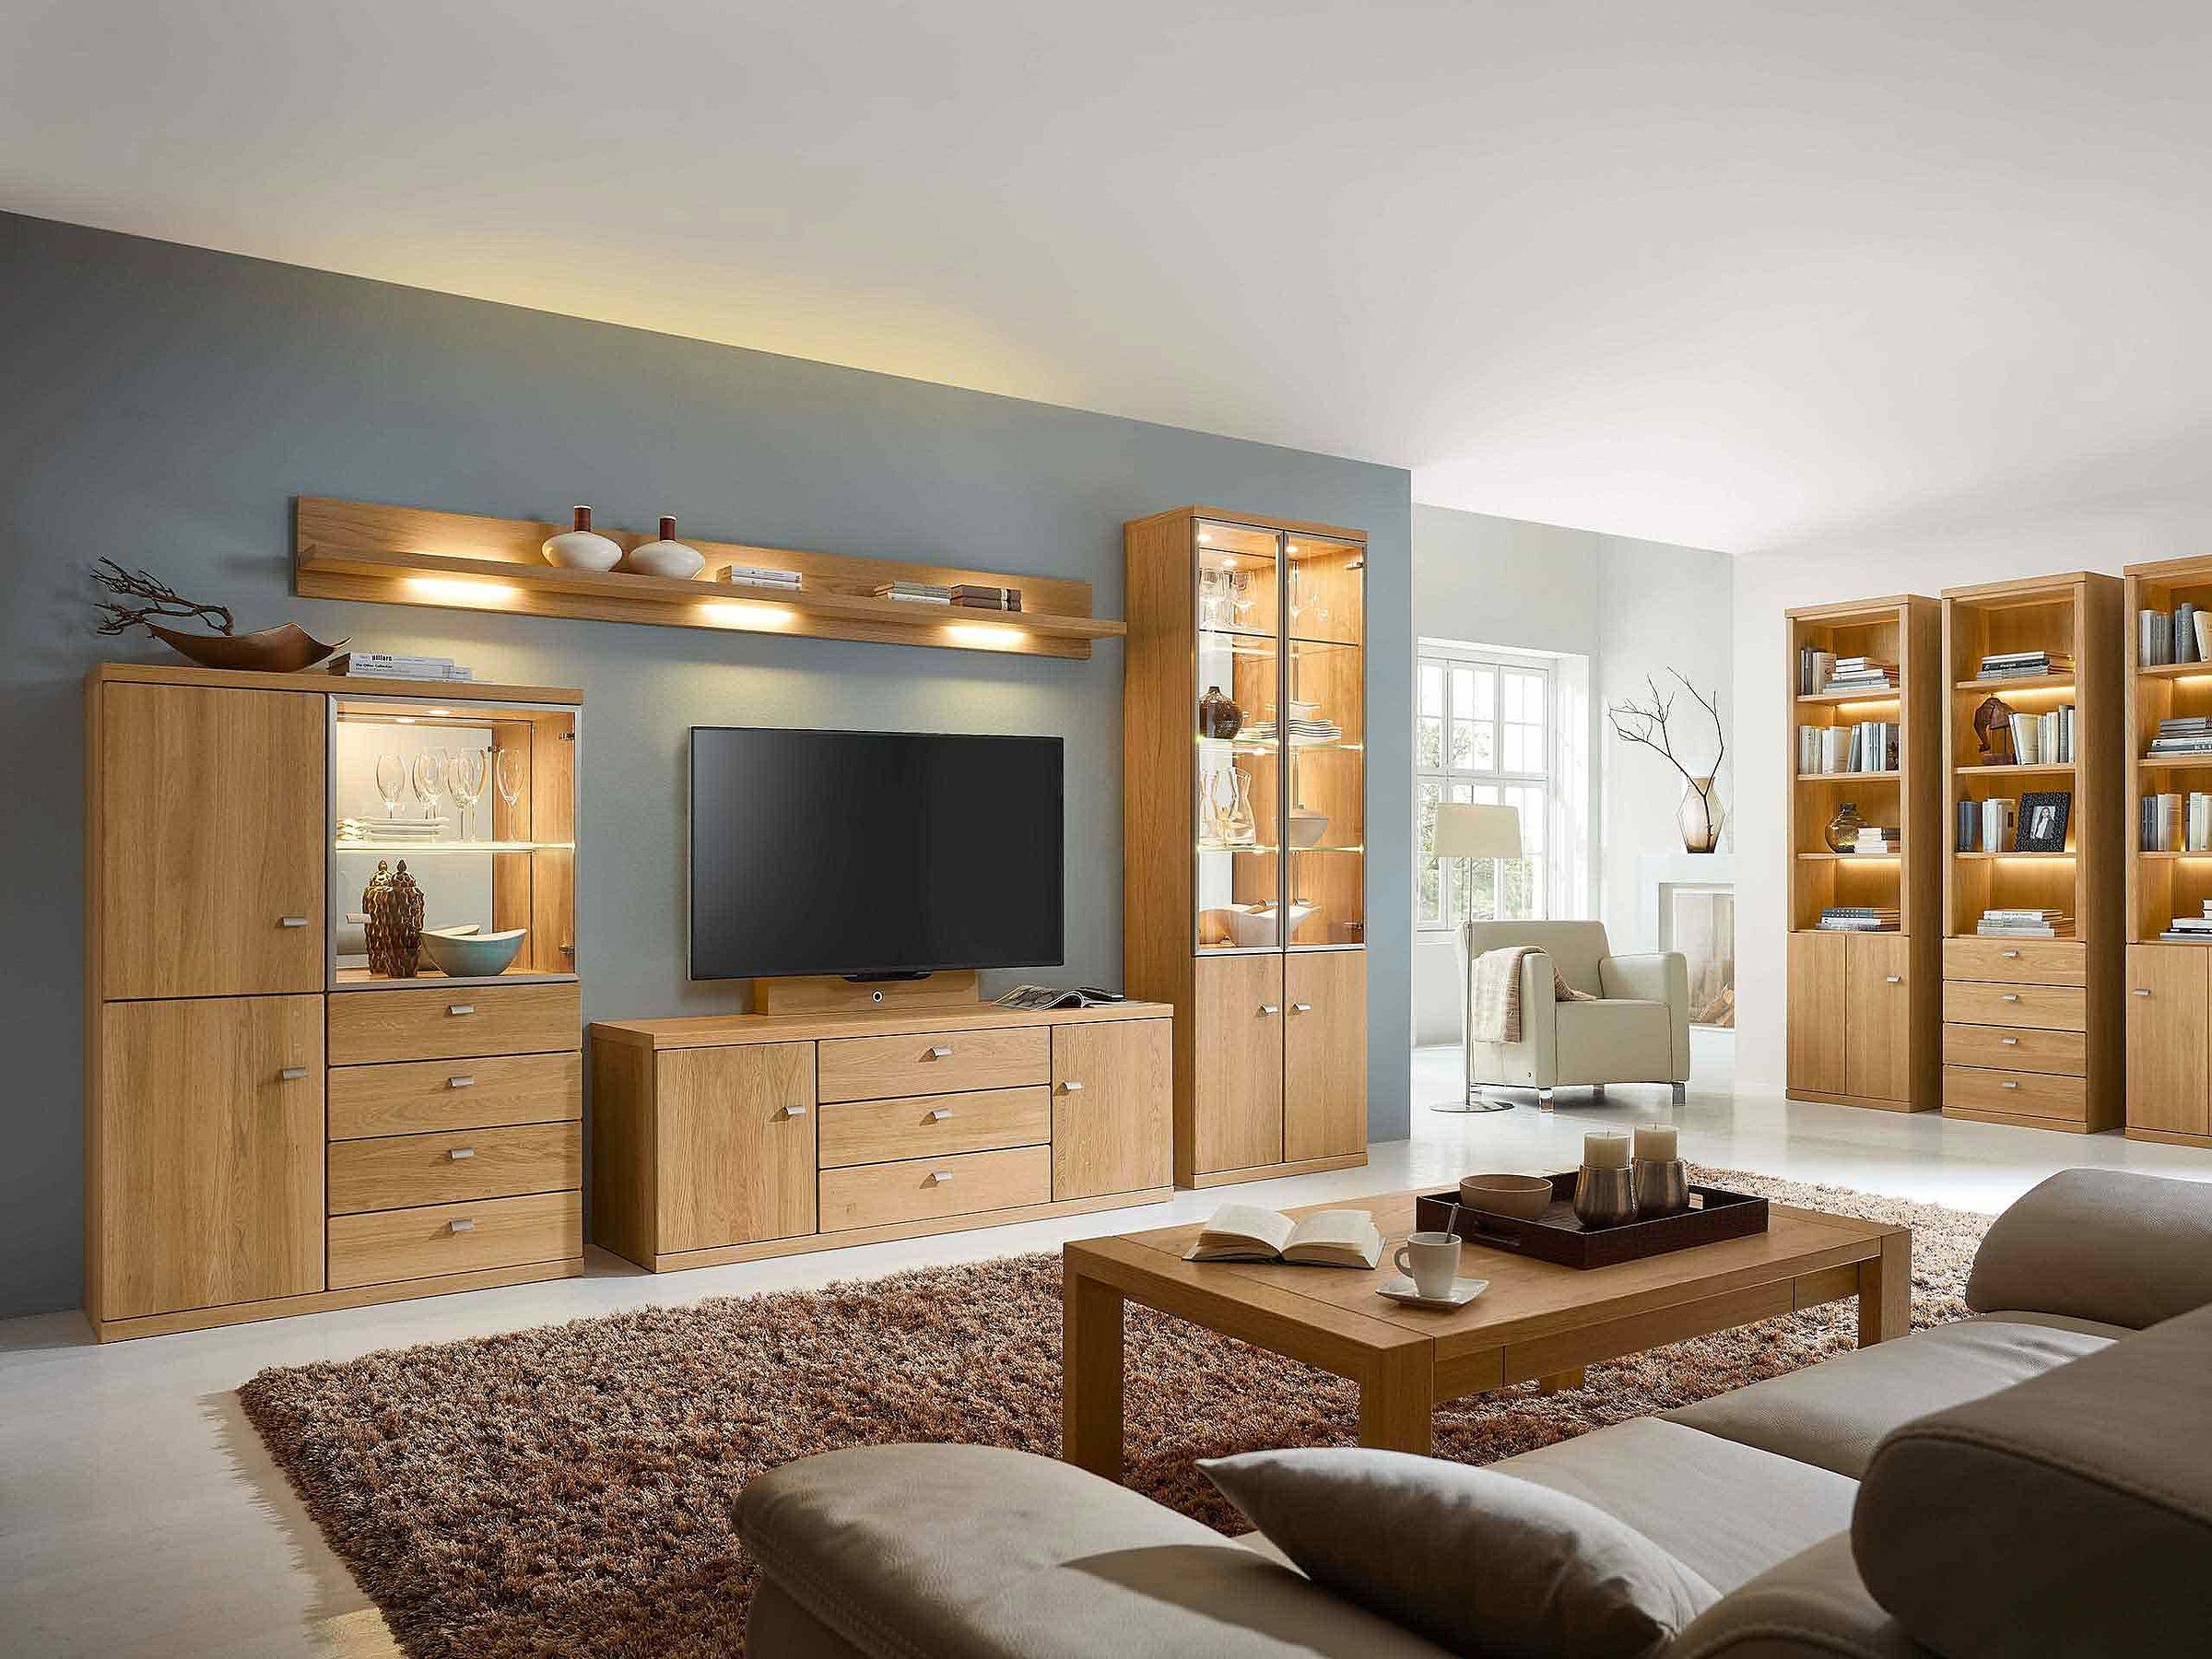 Wohnwand Couchtisch Vitrine Wohnzimmer Cento Holz